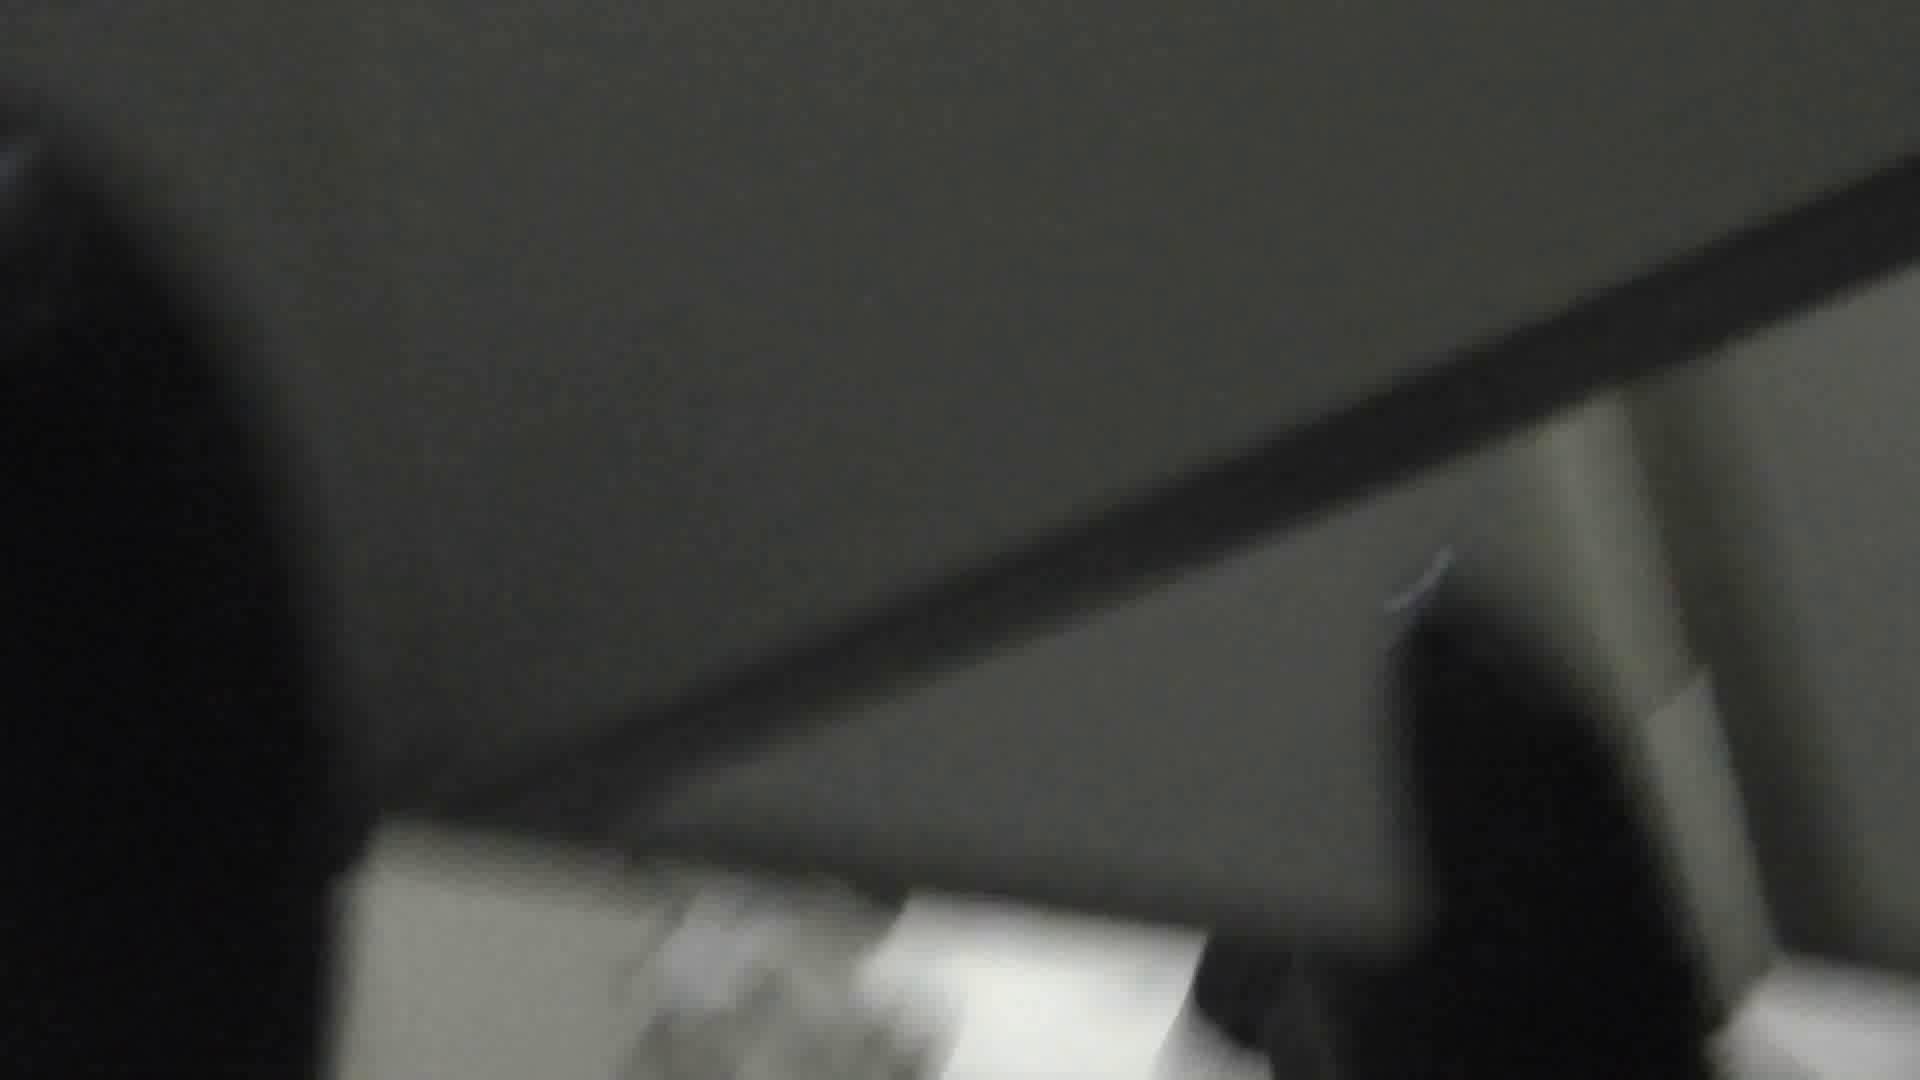 【日本成人用品展览会。超模如云】vol.01 着替|空爆 潜入突撃 | 着替え  103pic 40